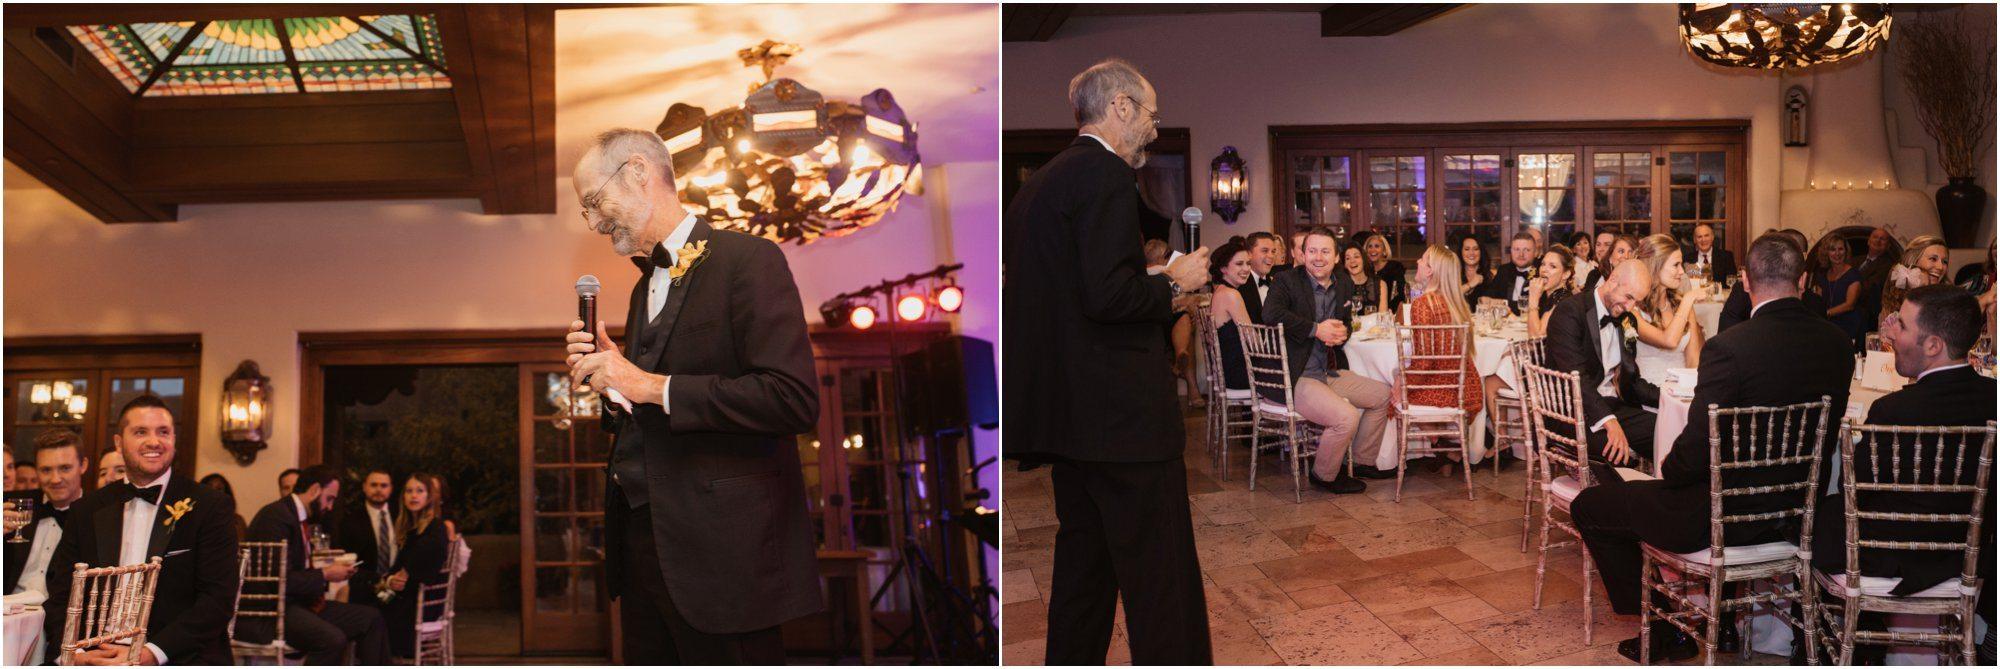 0082albuquerque-wedding-photographer_-santa-fe-wedding-photography_blue-rose-studio